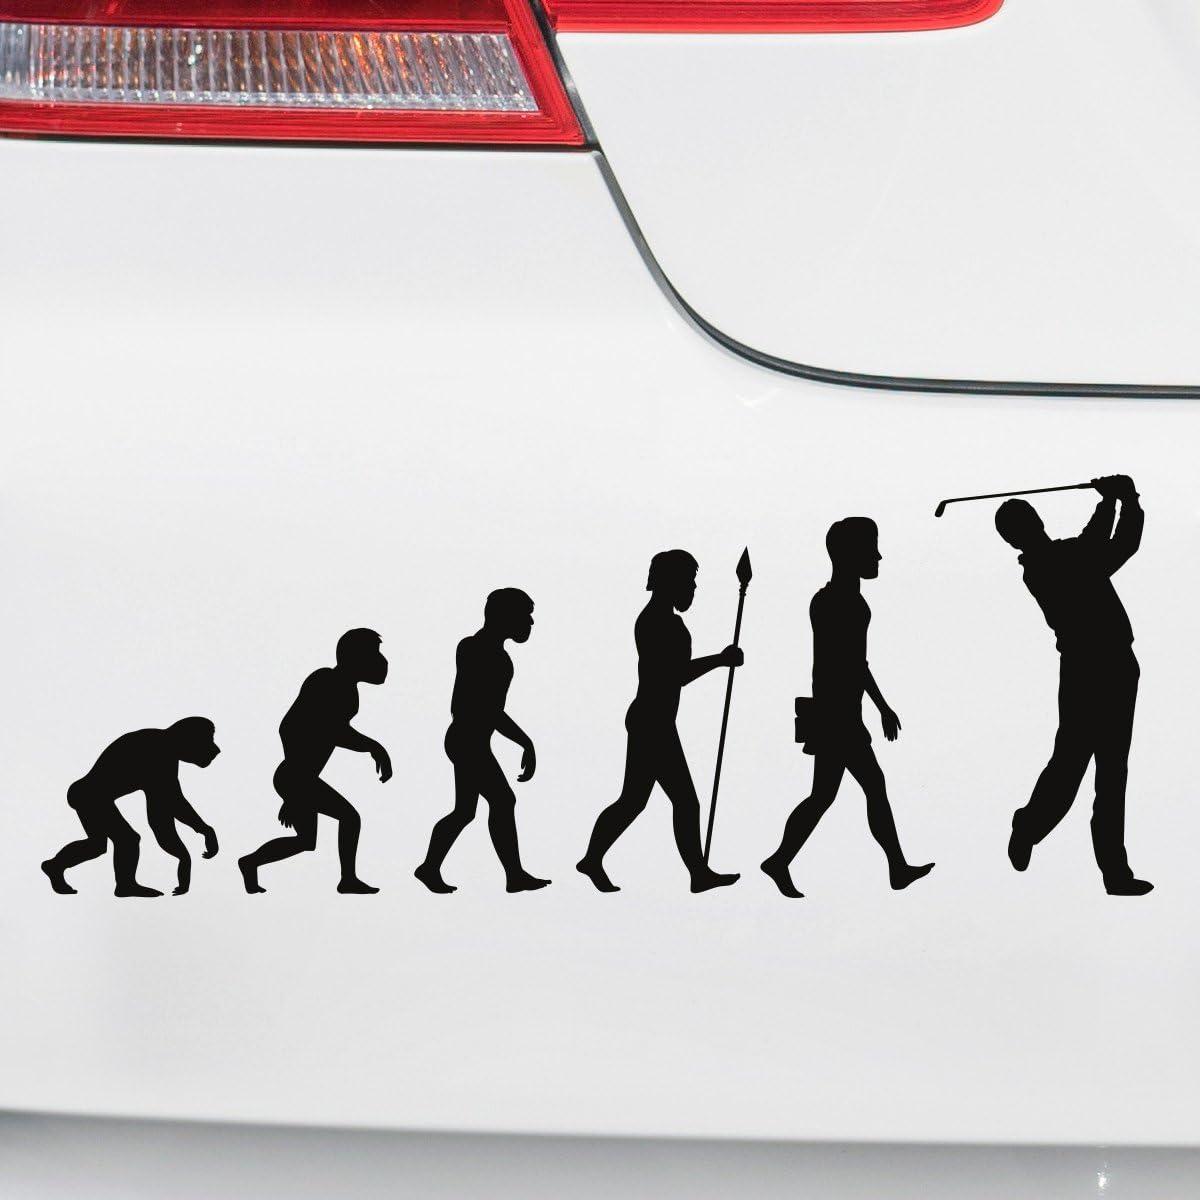 Motoking Autoaufkleber Lustige Sprüche Motive Für Ihr Auto Evolution Golf 25 X 9 5 Cm Türkis Seidenmatt Auto